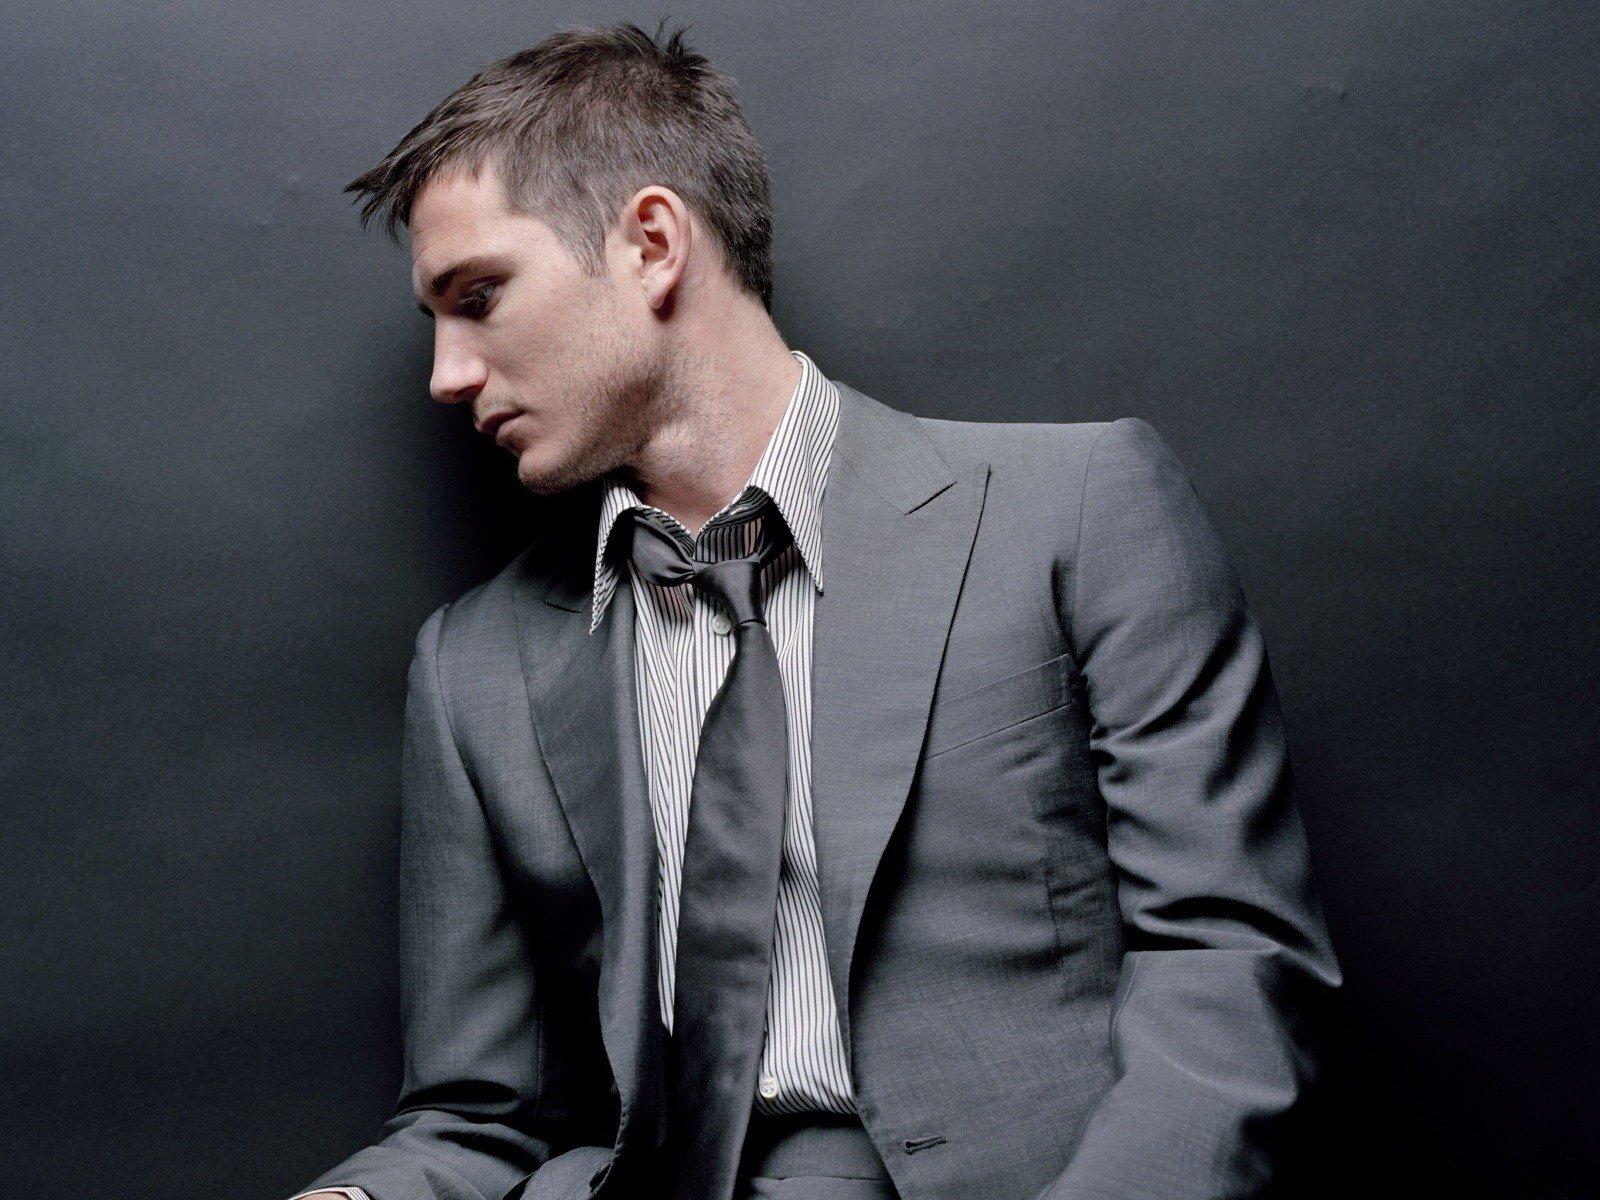 Картинки на аватар в контакте для мужчин